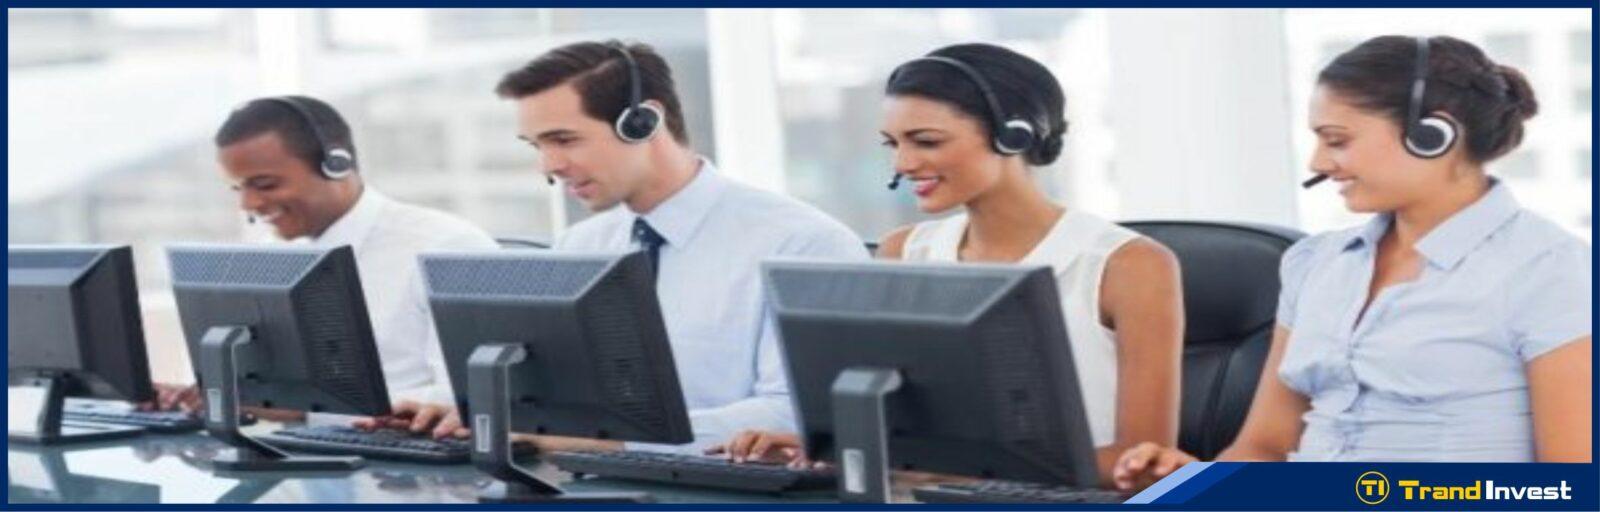 Interactive brokers поддержка